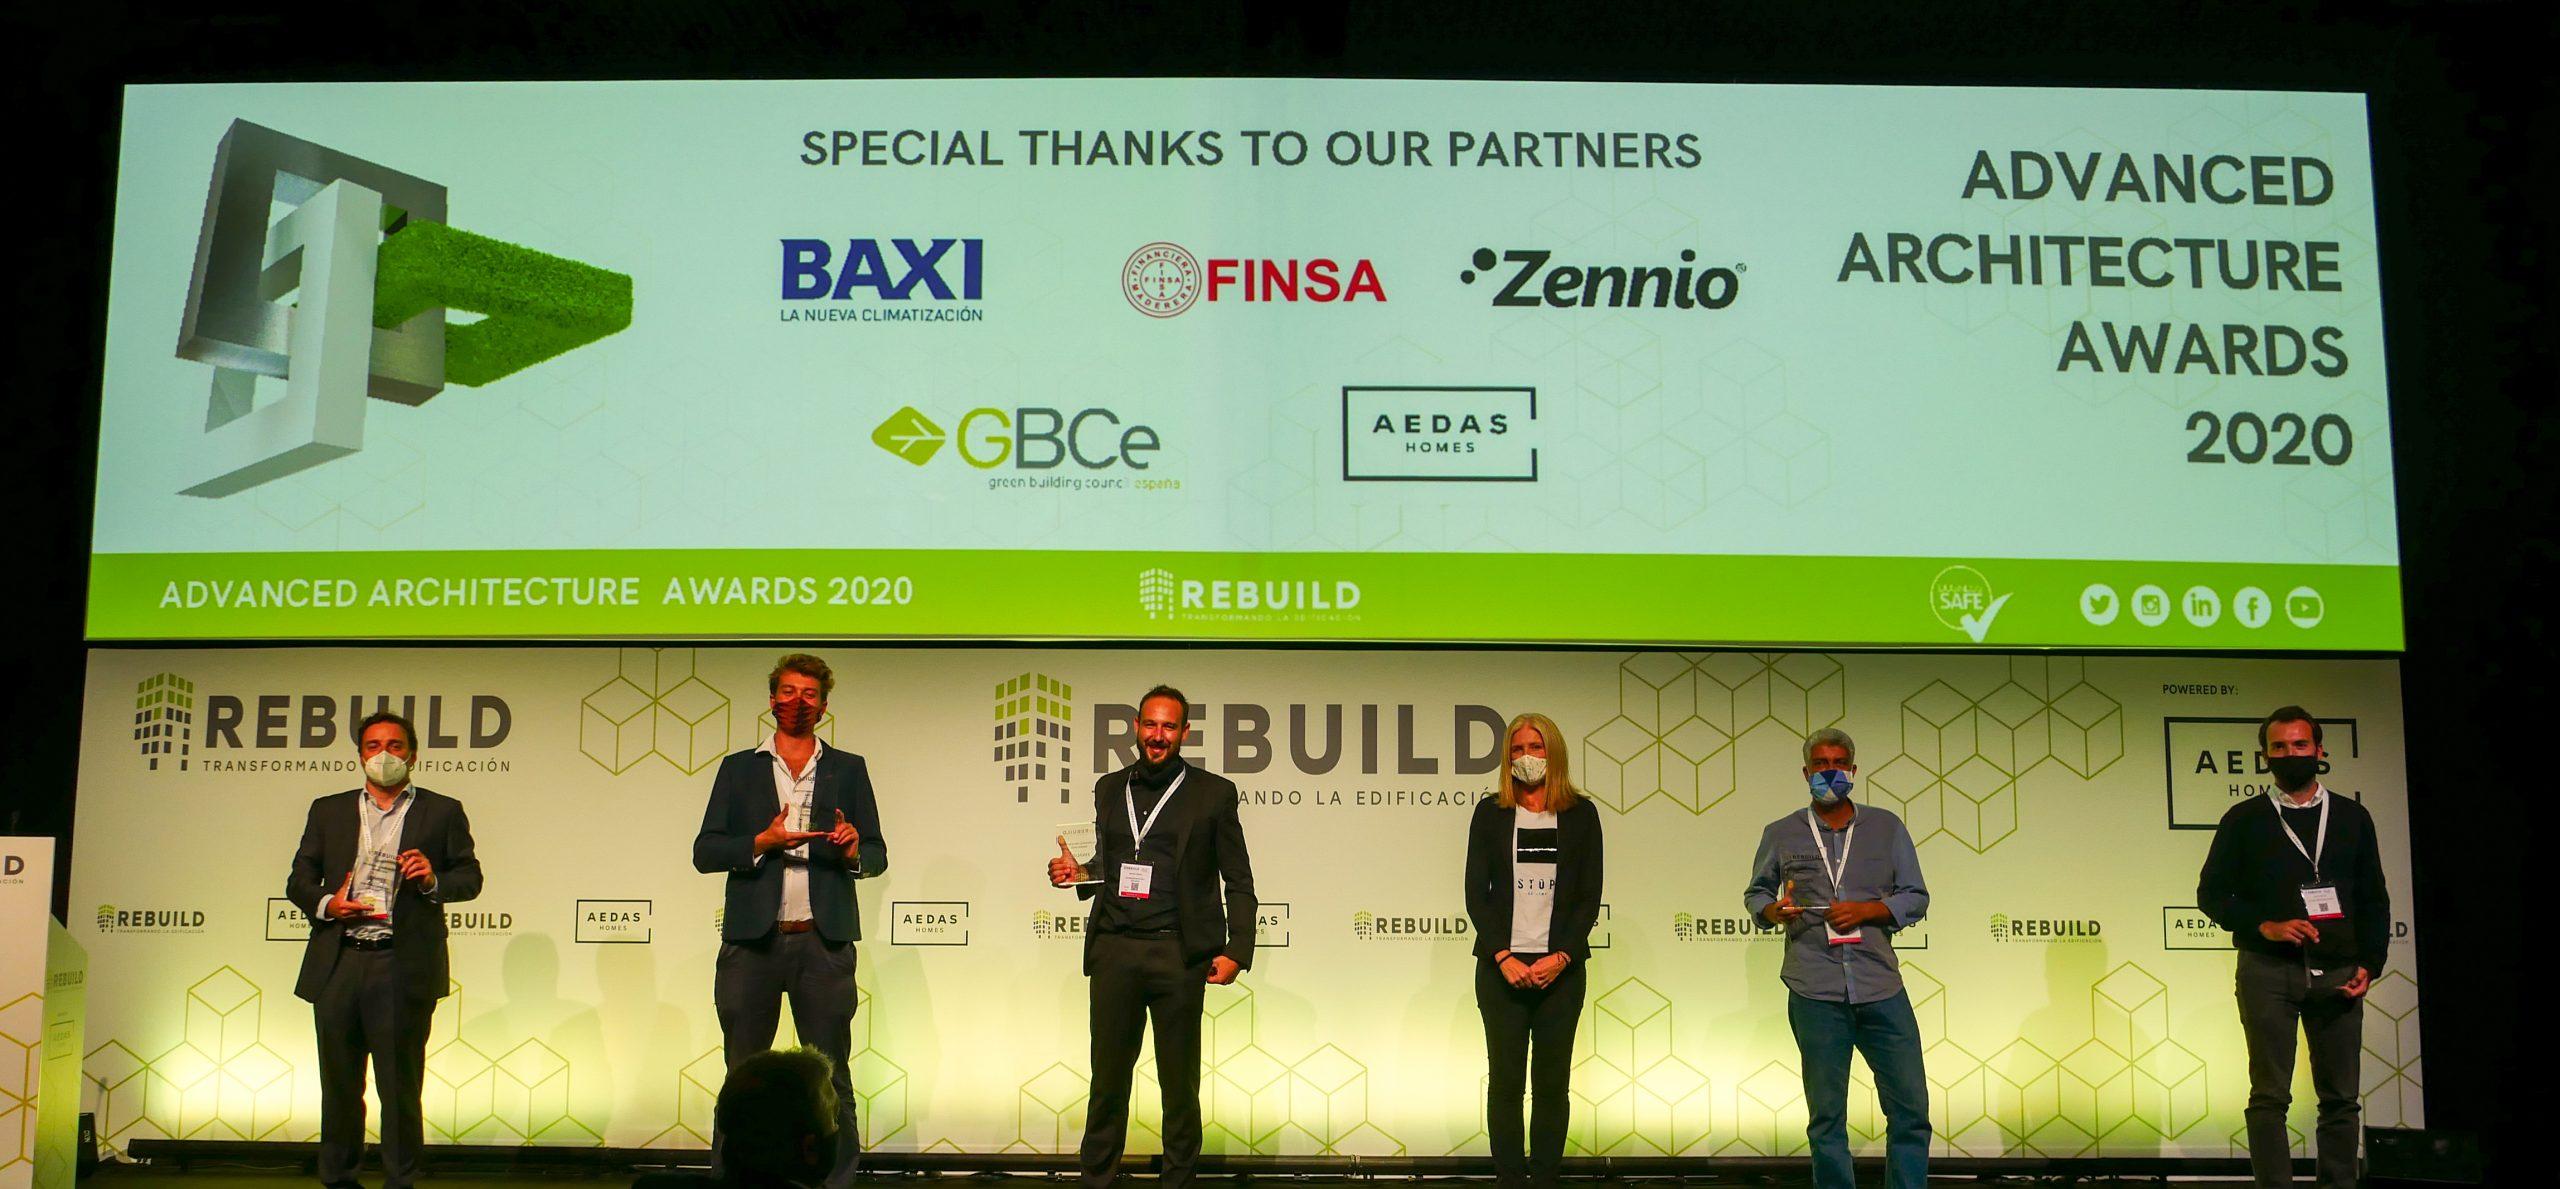 FINSA, IaaC, Territori 24, Roldán-Berengué arqts. y Studio Banana, los ganadores de los Advanced Architecture Awards 2020